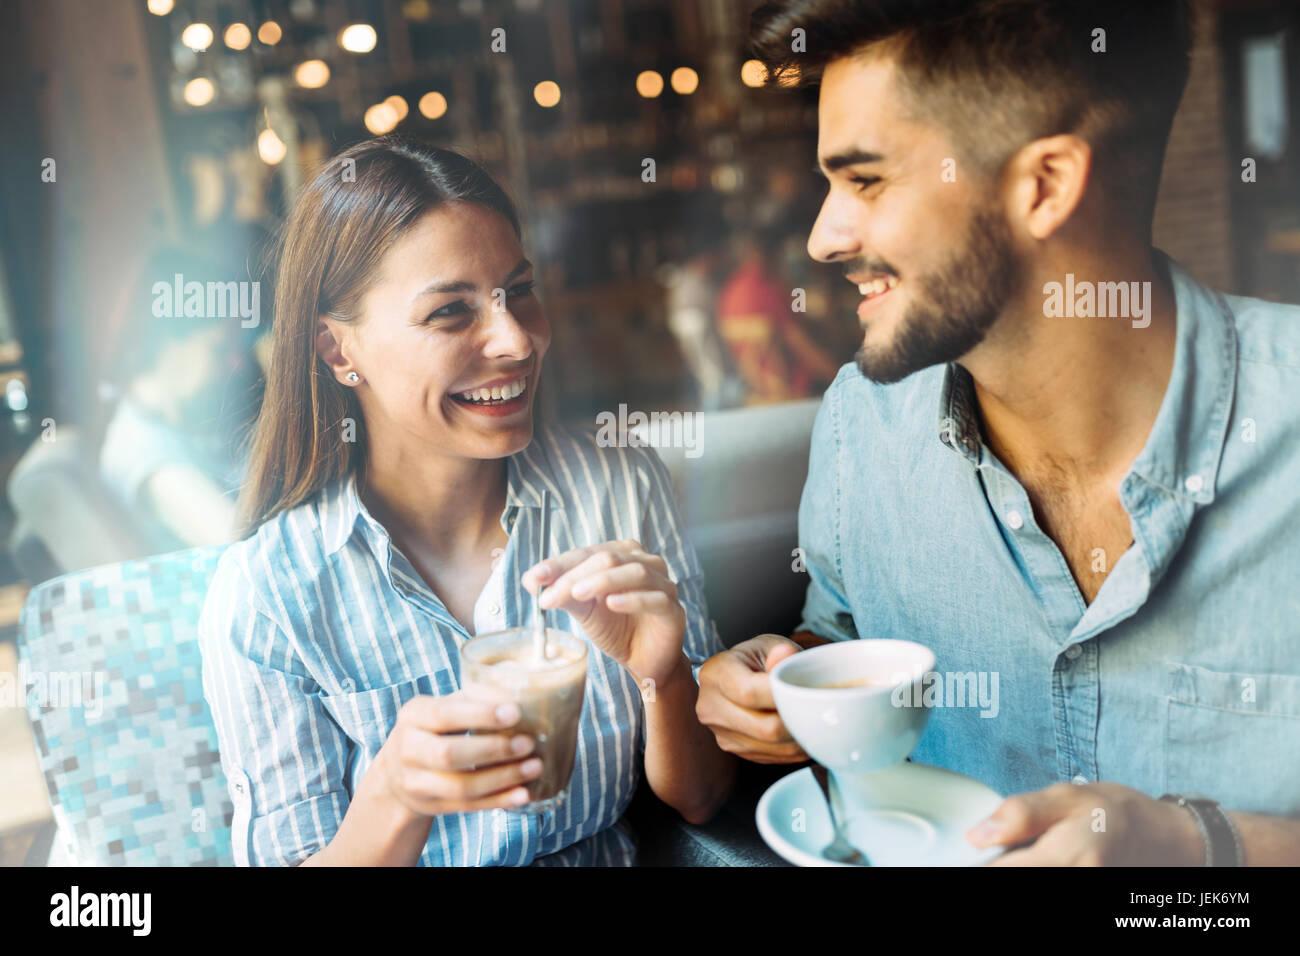 Junge attraktive fröhliches Paar auf Datum im Coffee Shop Stockbild